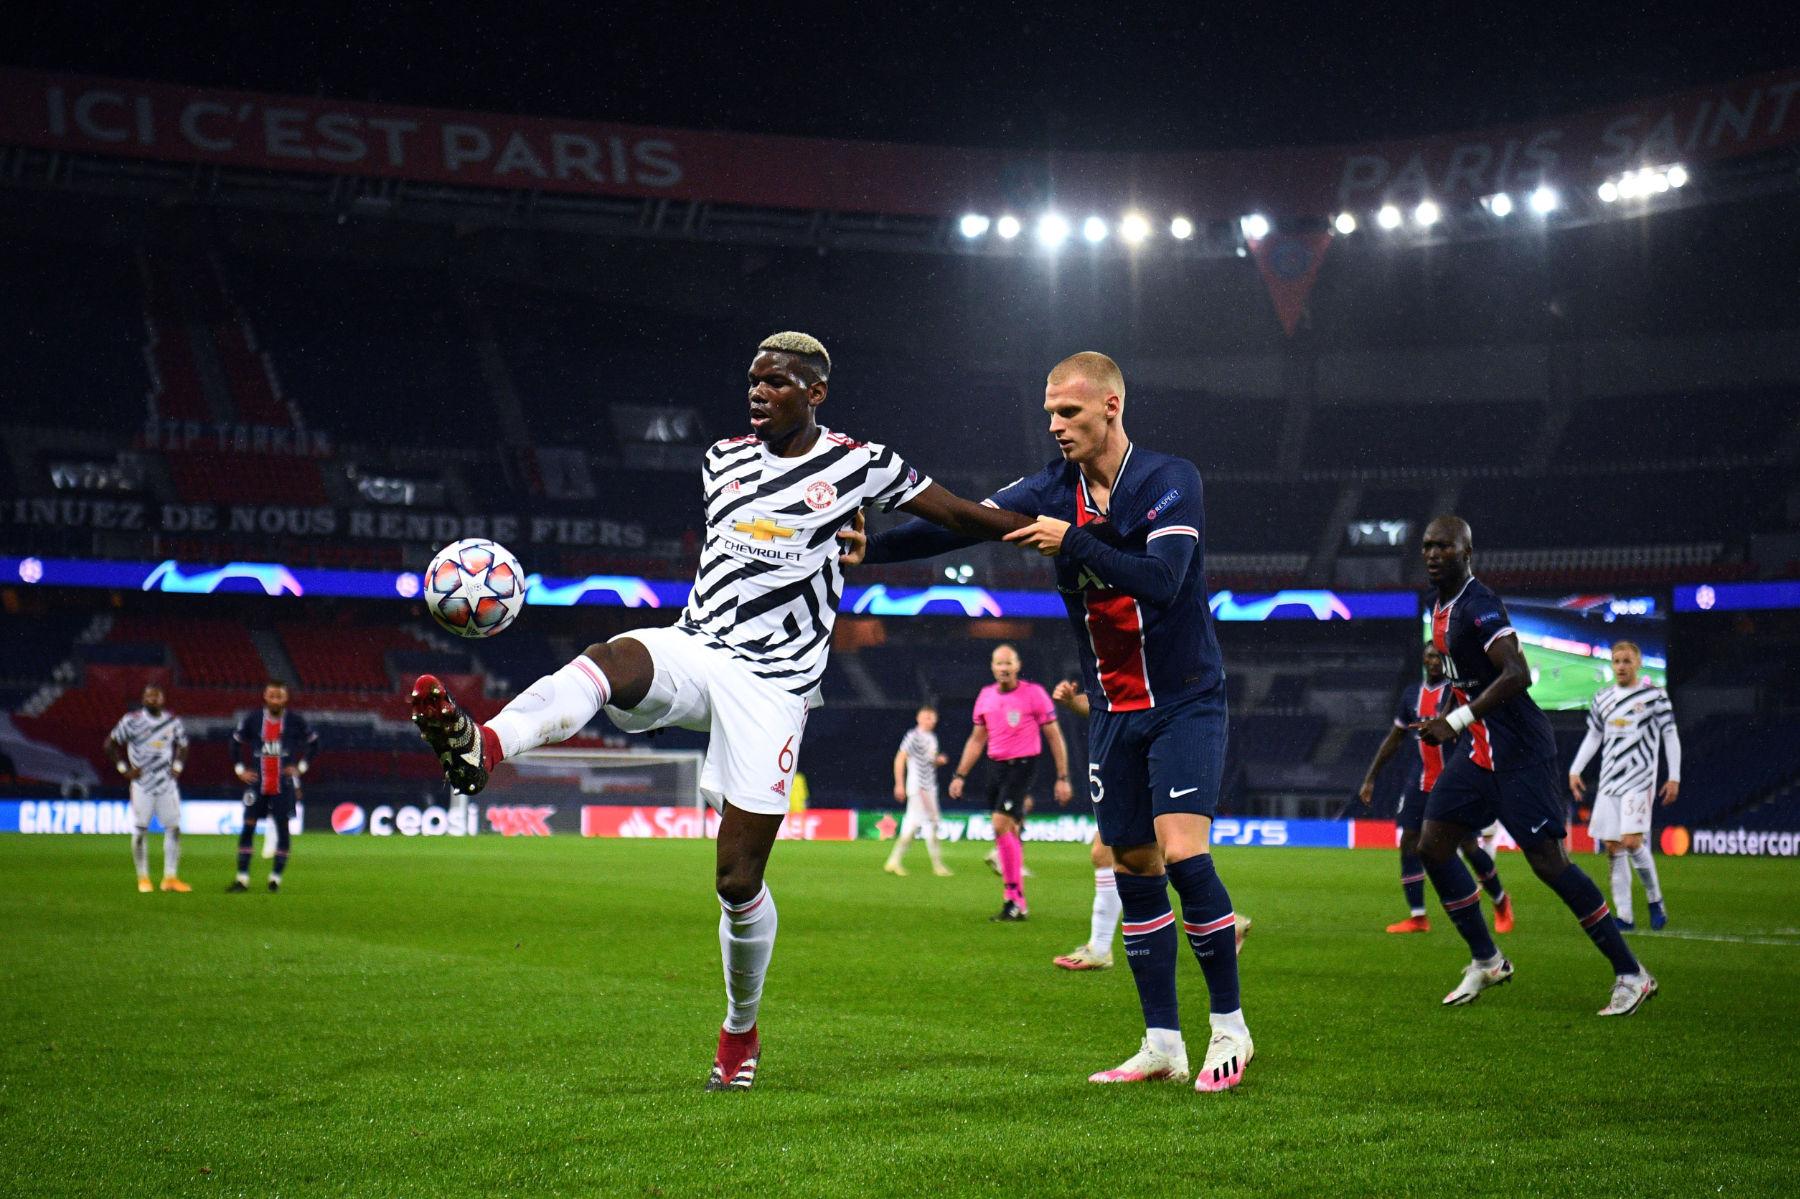 เปแอสเช มีส่วนร่วมในการพูดคุยกับ Paul Pogba ของ Man United